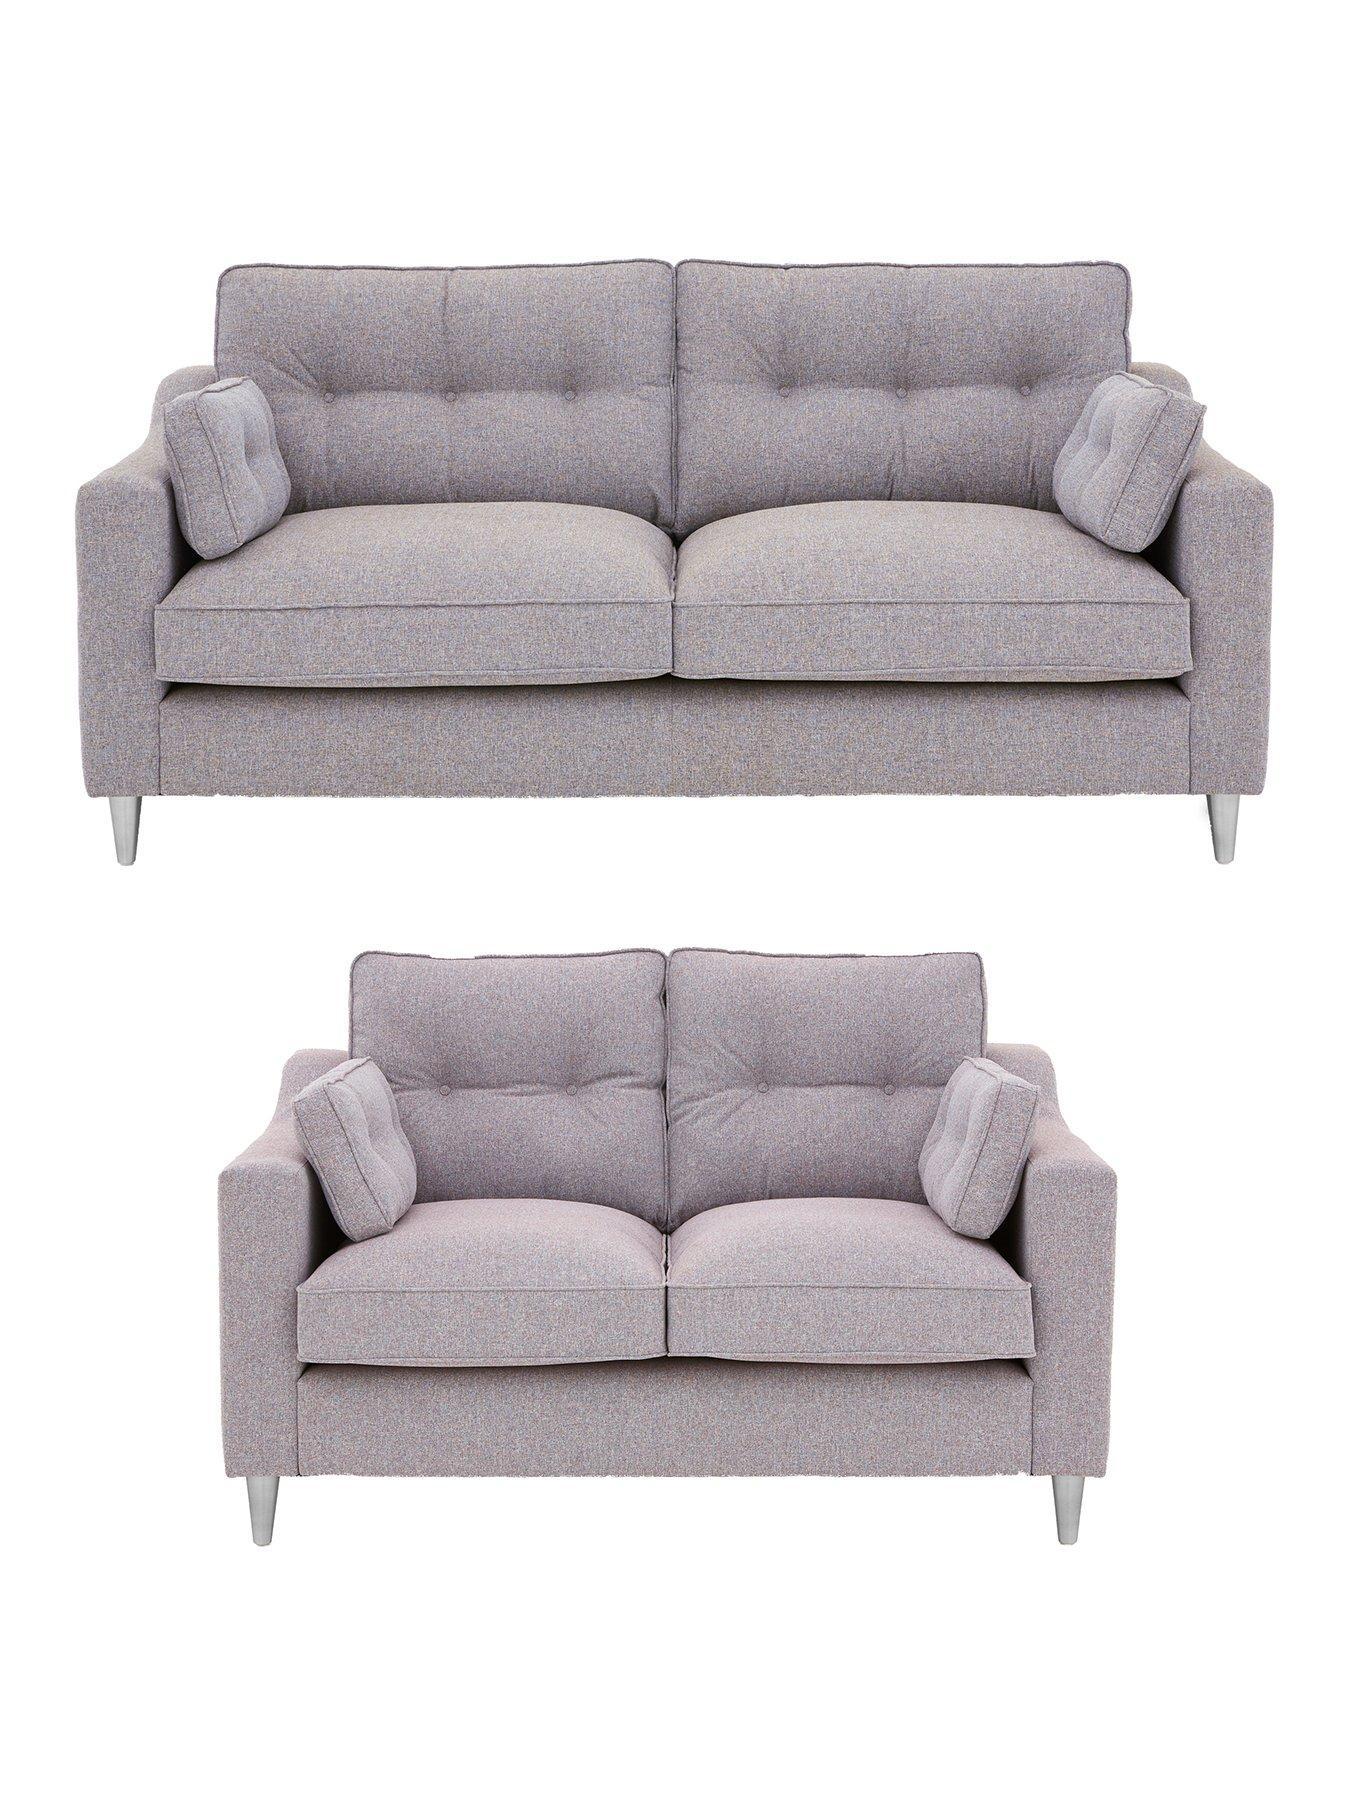 Sofas | Corner Sofas | 2 to 5 Seater Sofas |